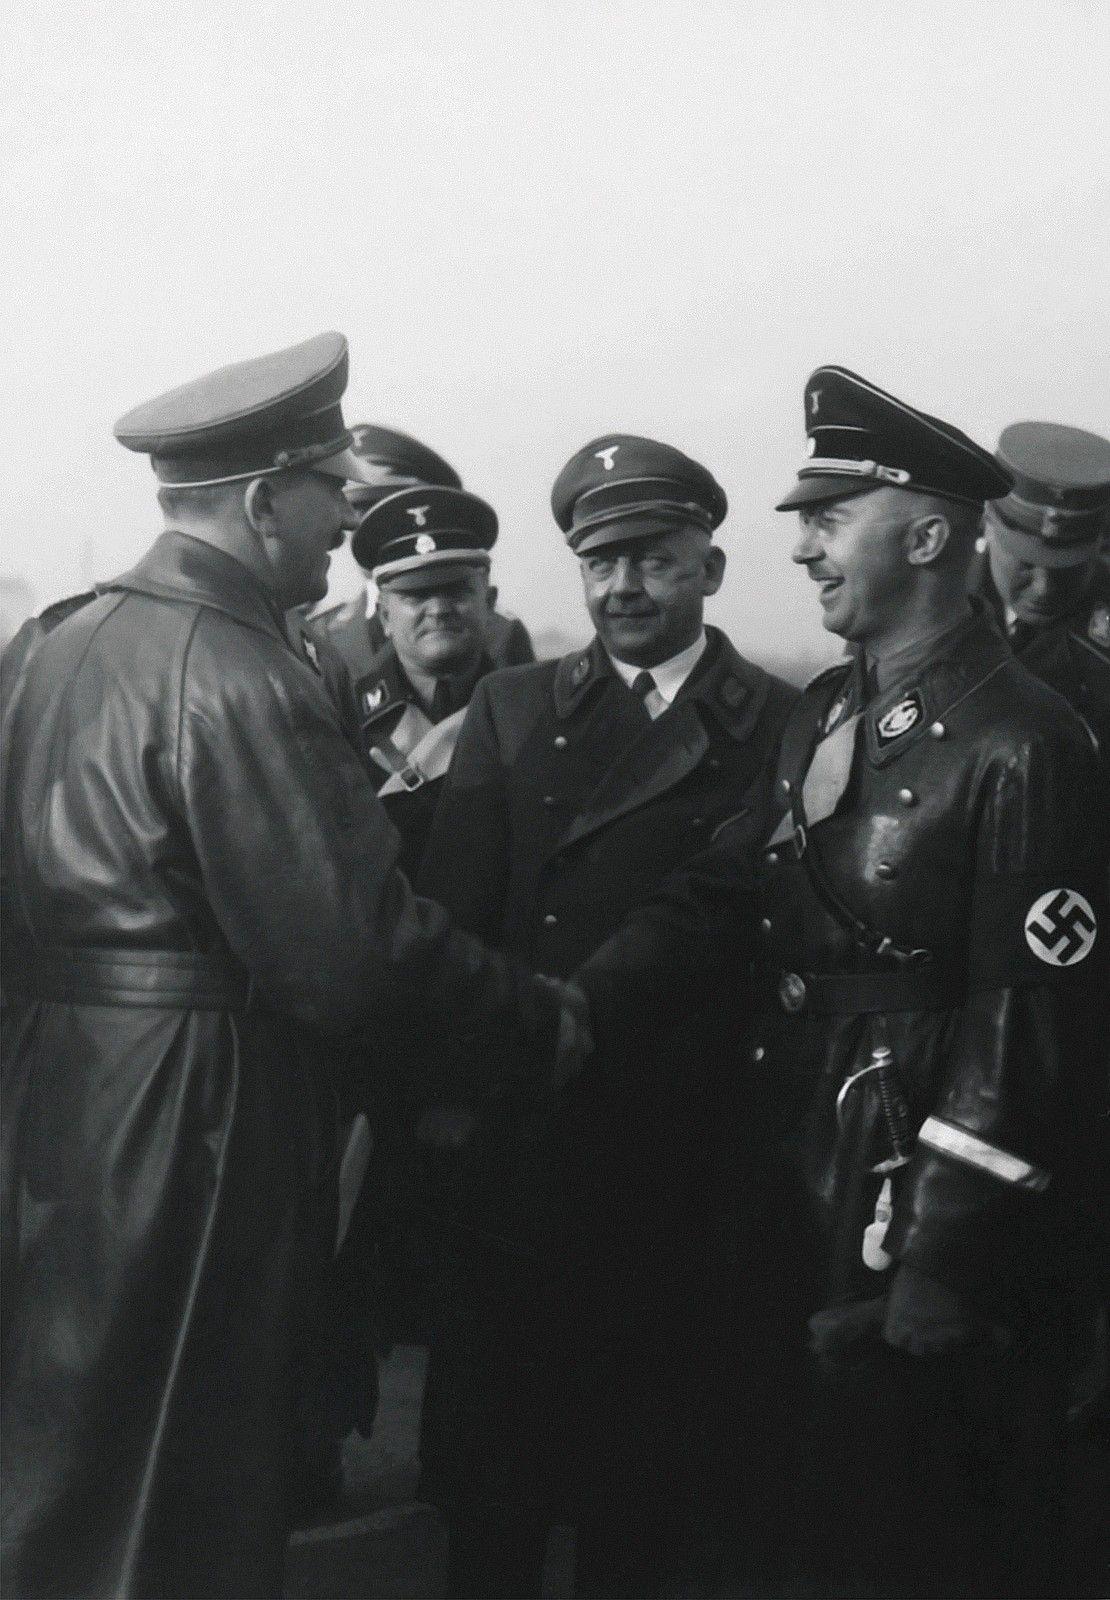 die-partei-ist-hitler: Heinrich Himmler greets Adolf Hitler at ...